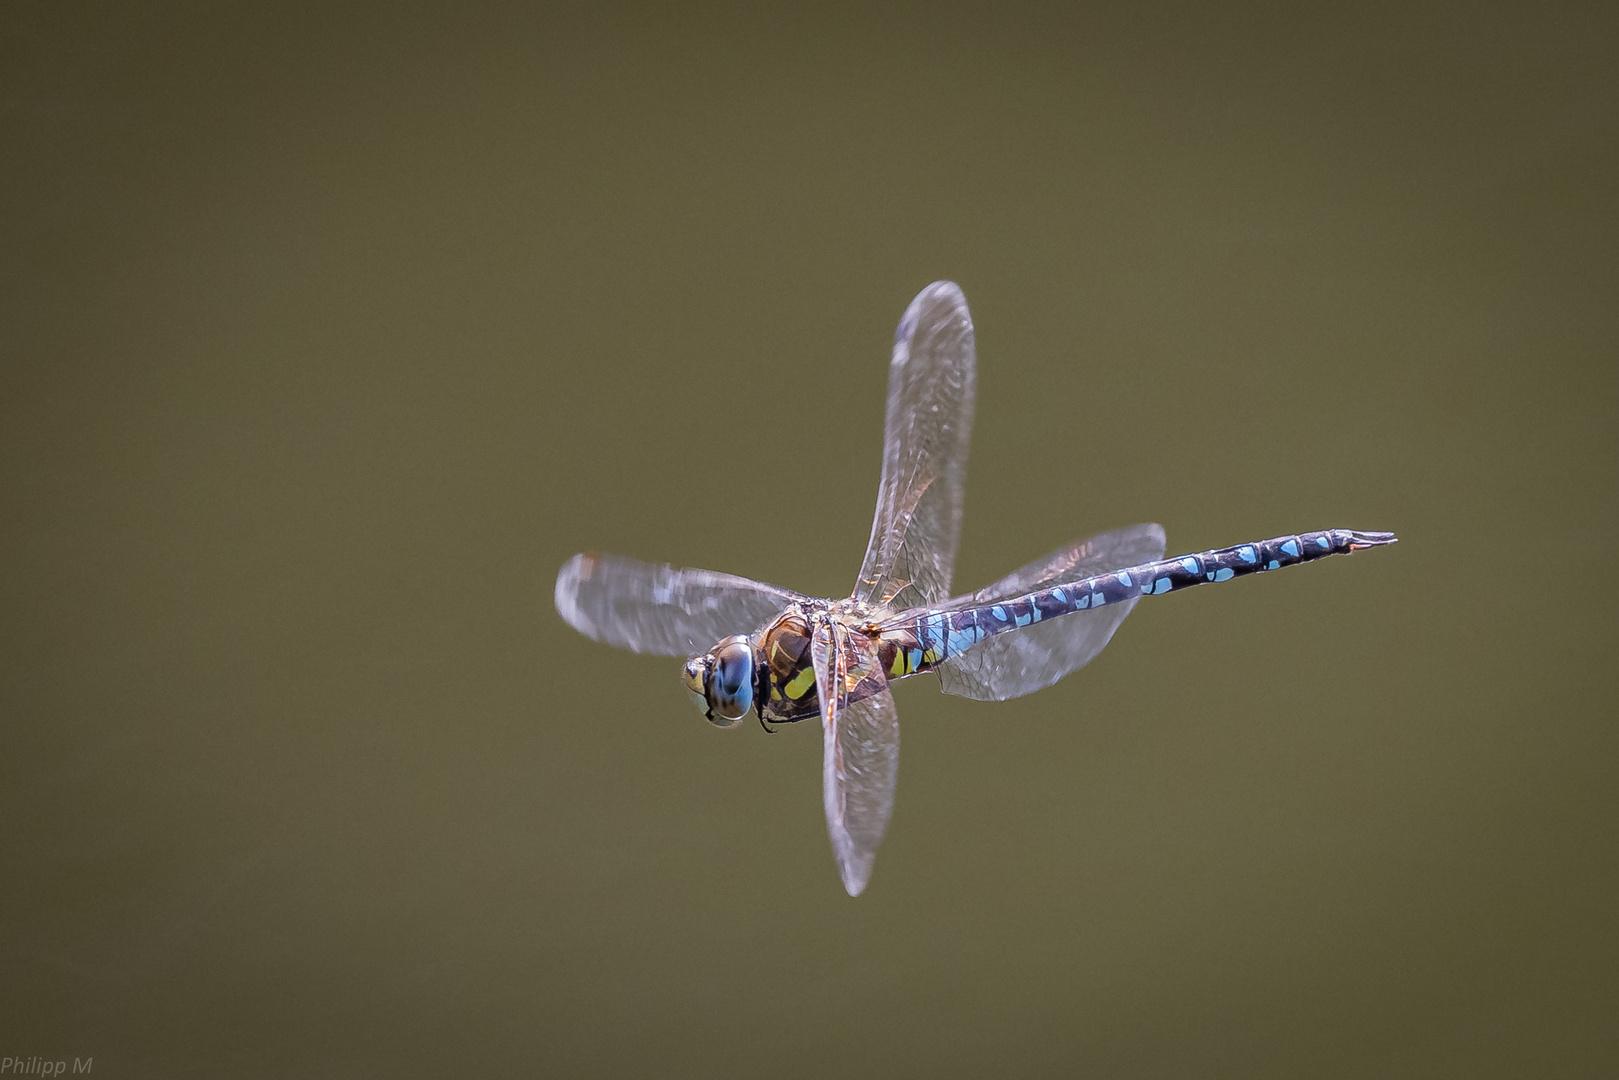 Die mit den perlmuttglitzerartigen Flügeln…